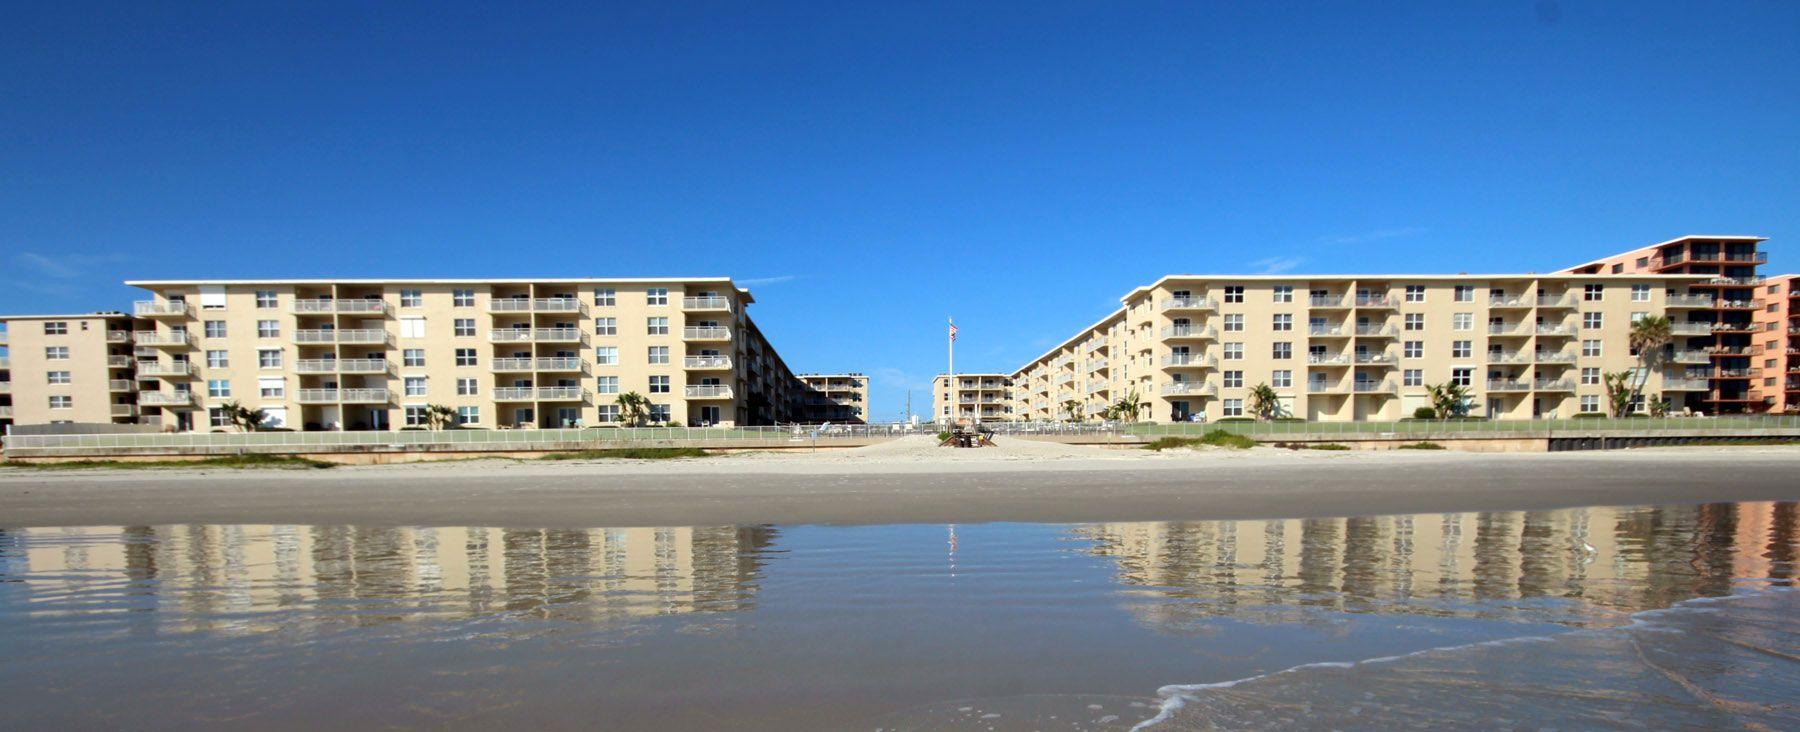 6a3f244f14f9a9e52924dd3455d196f4 - Sea Coast Gardens New Smyrna Beach Fl